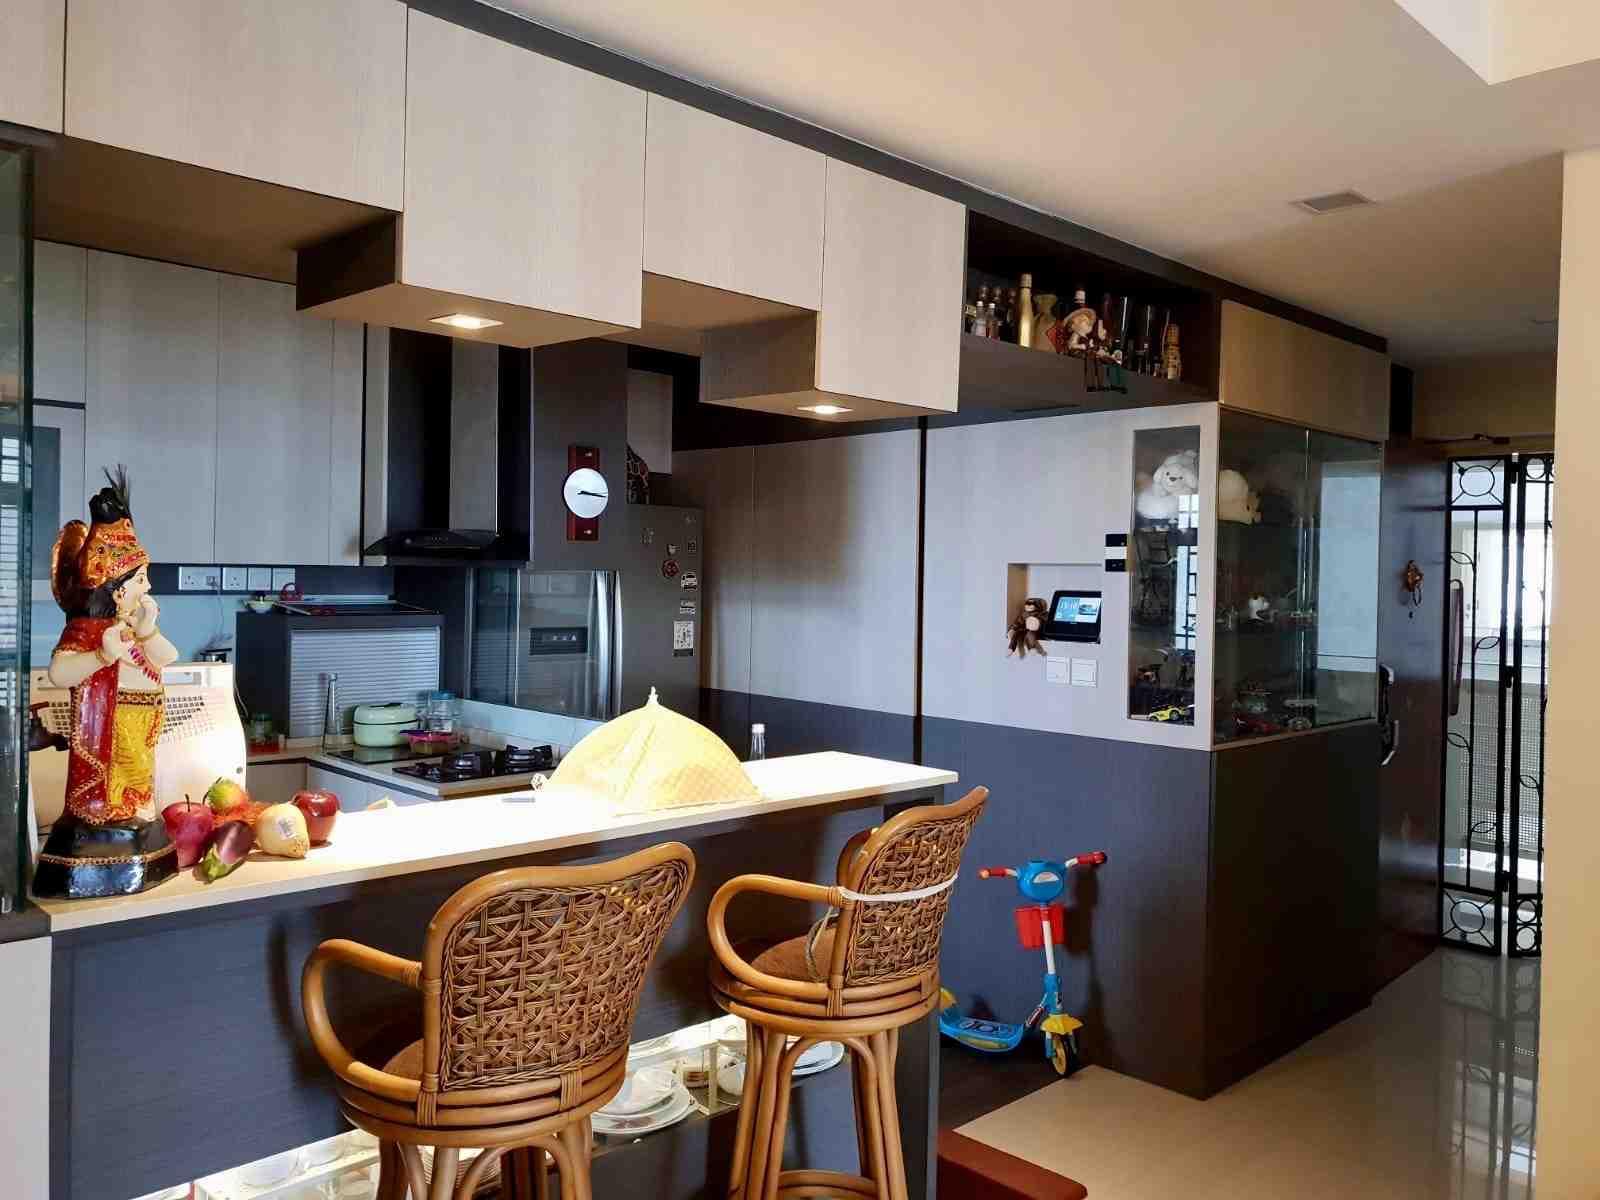 90 tanglin halt kitchen area 3